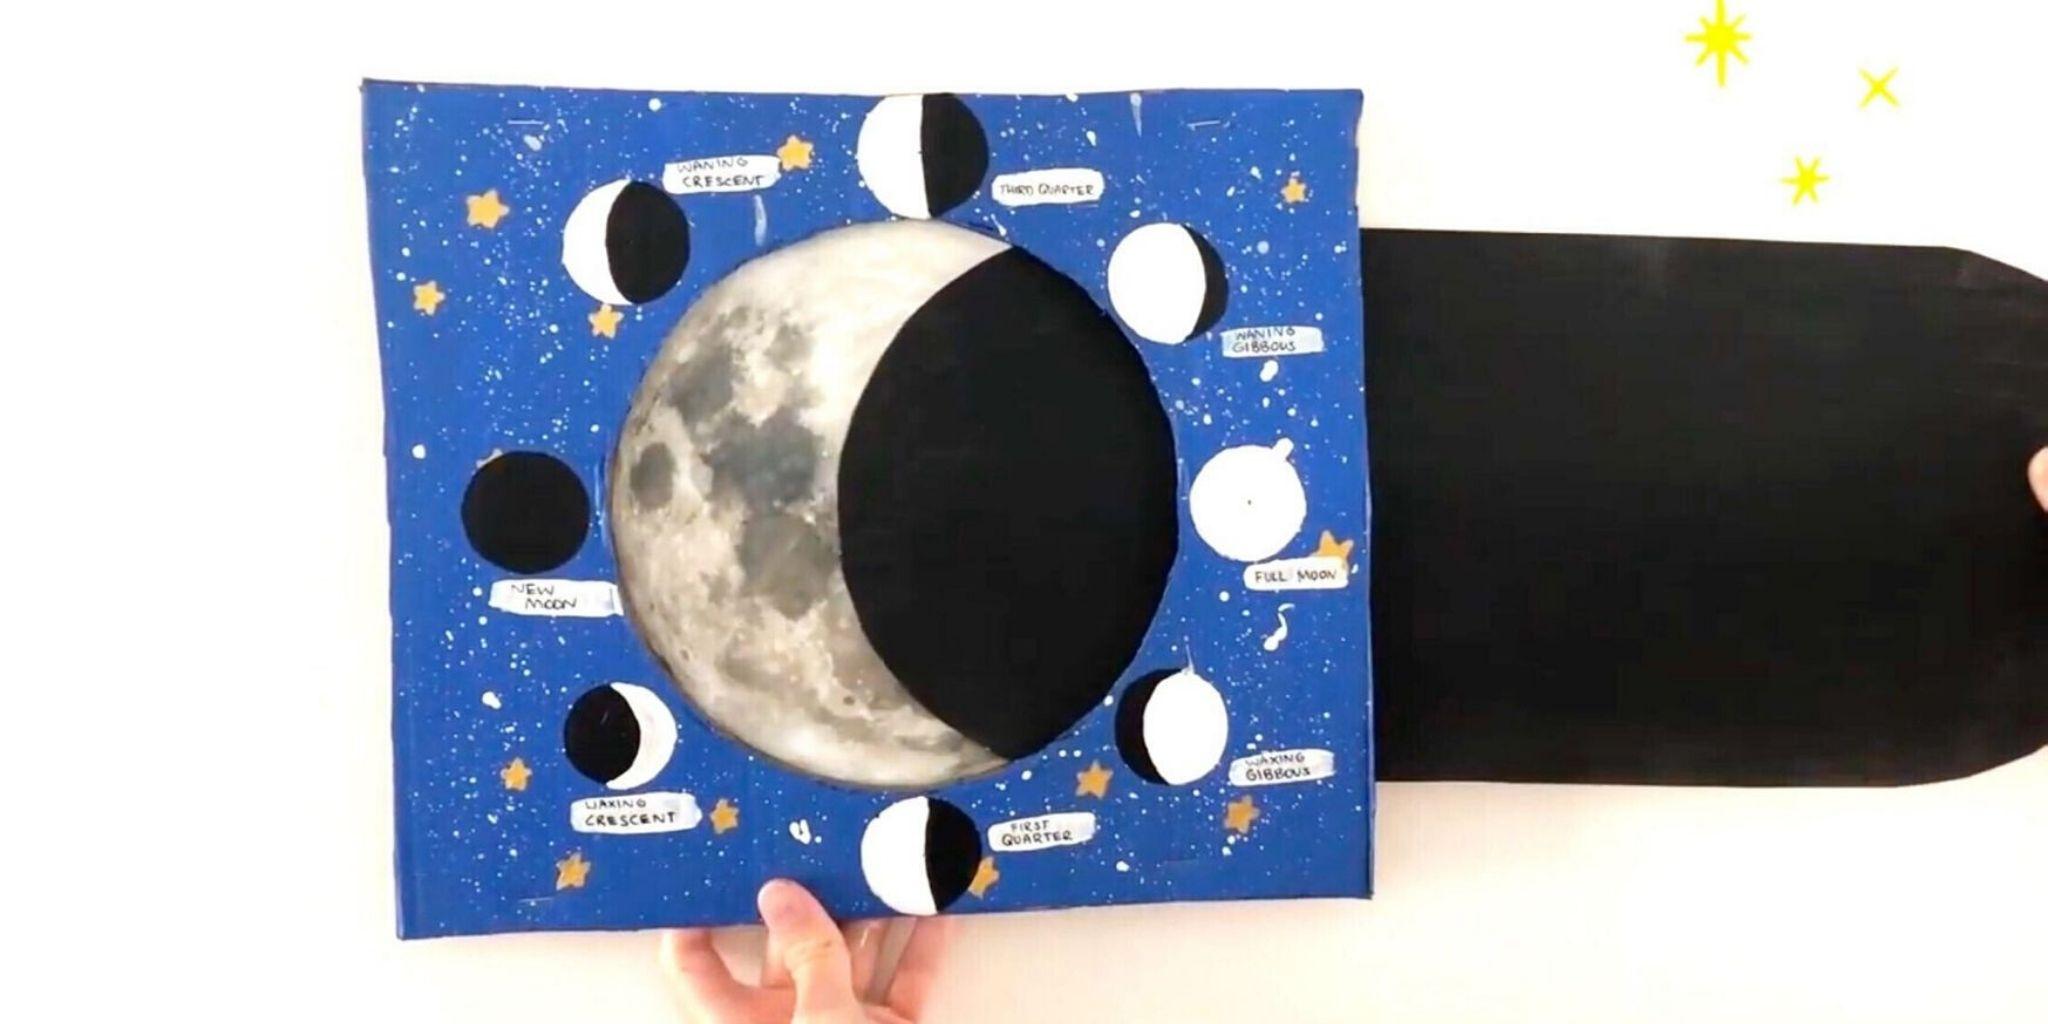 Mondphasen - Astronomie für Kinder